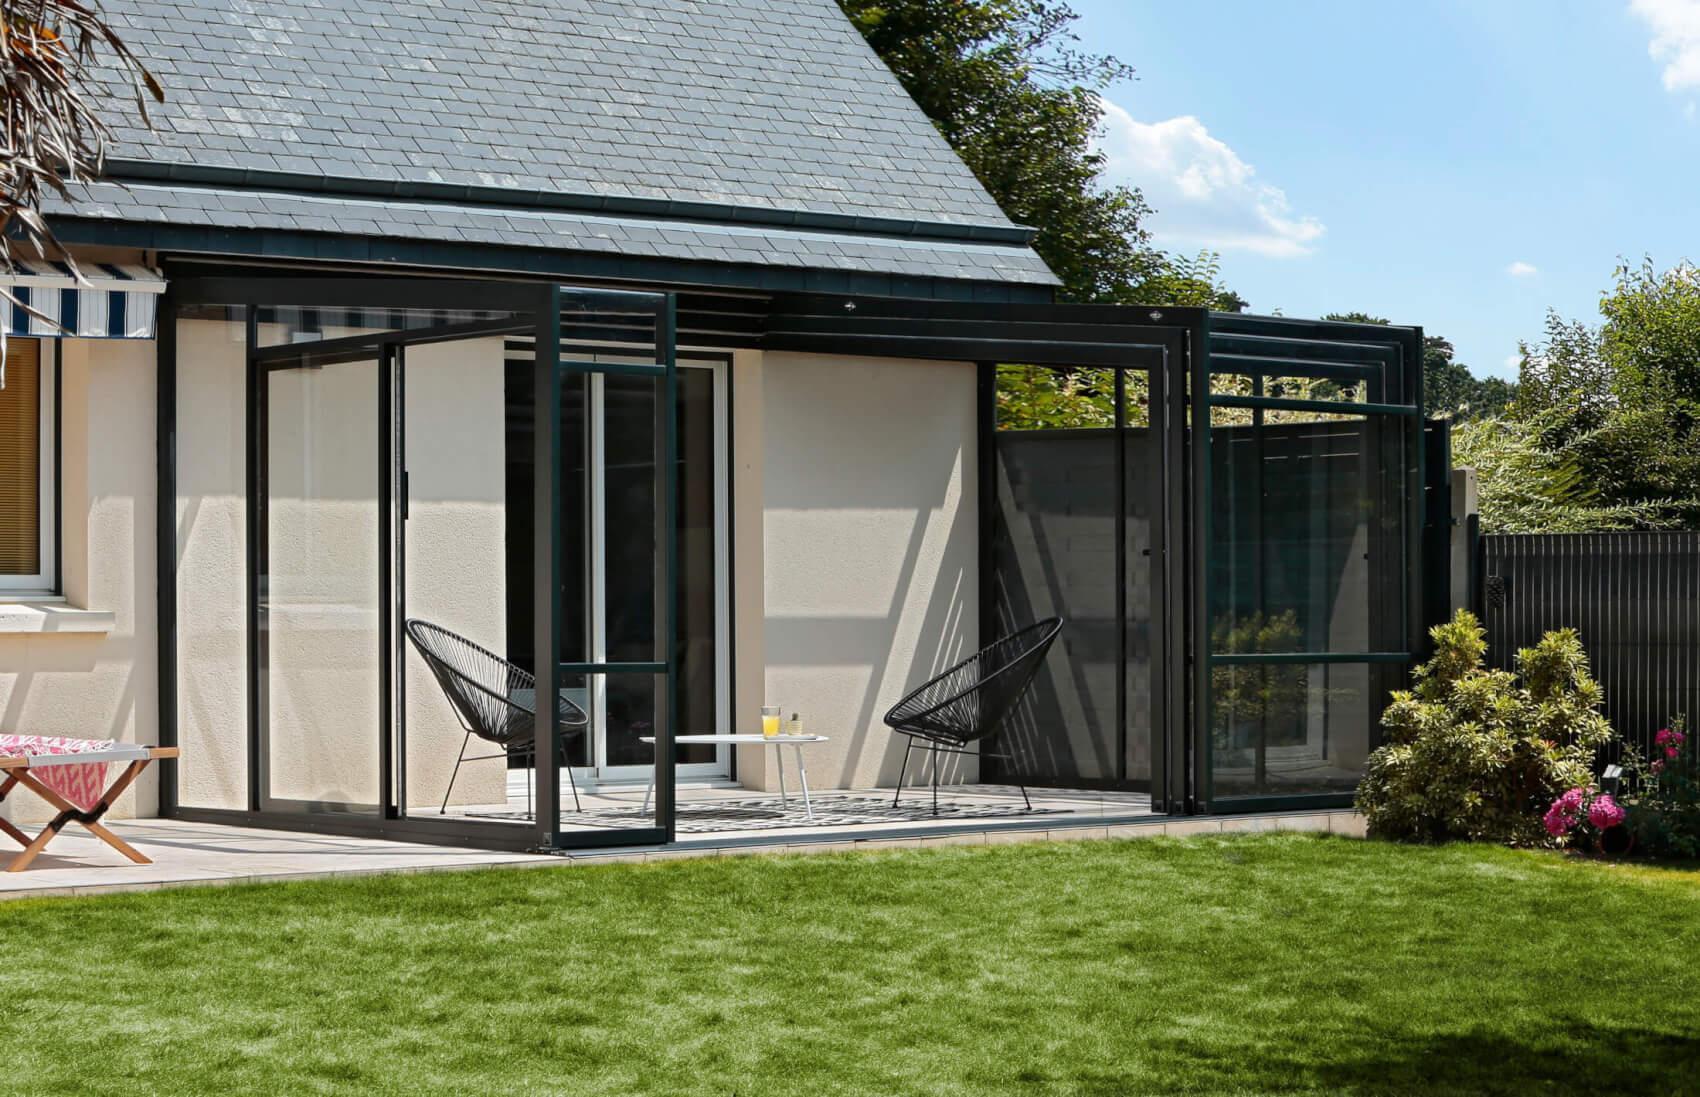 Abri Terrasse Aluminium - Modèles Coulissants ... dedans Abri Terrasse Coulissant